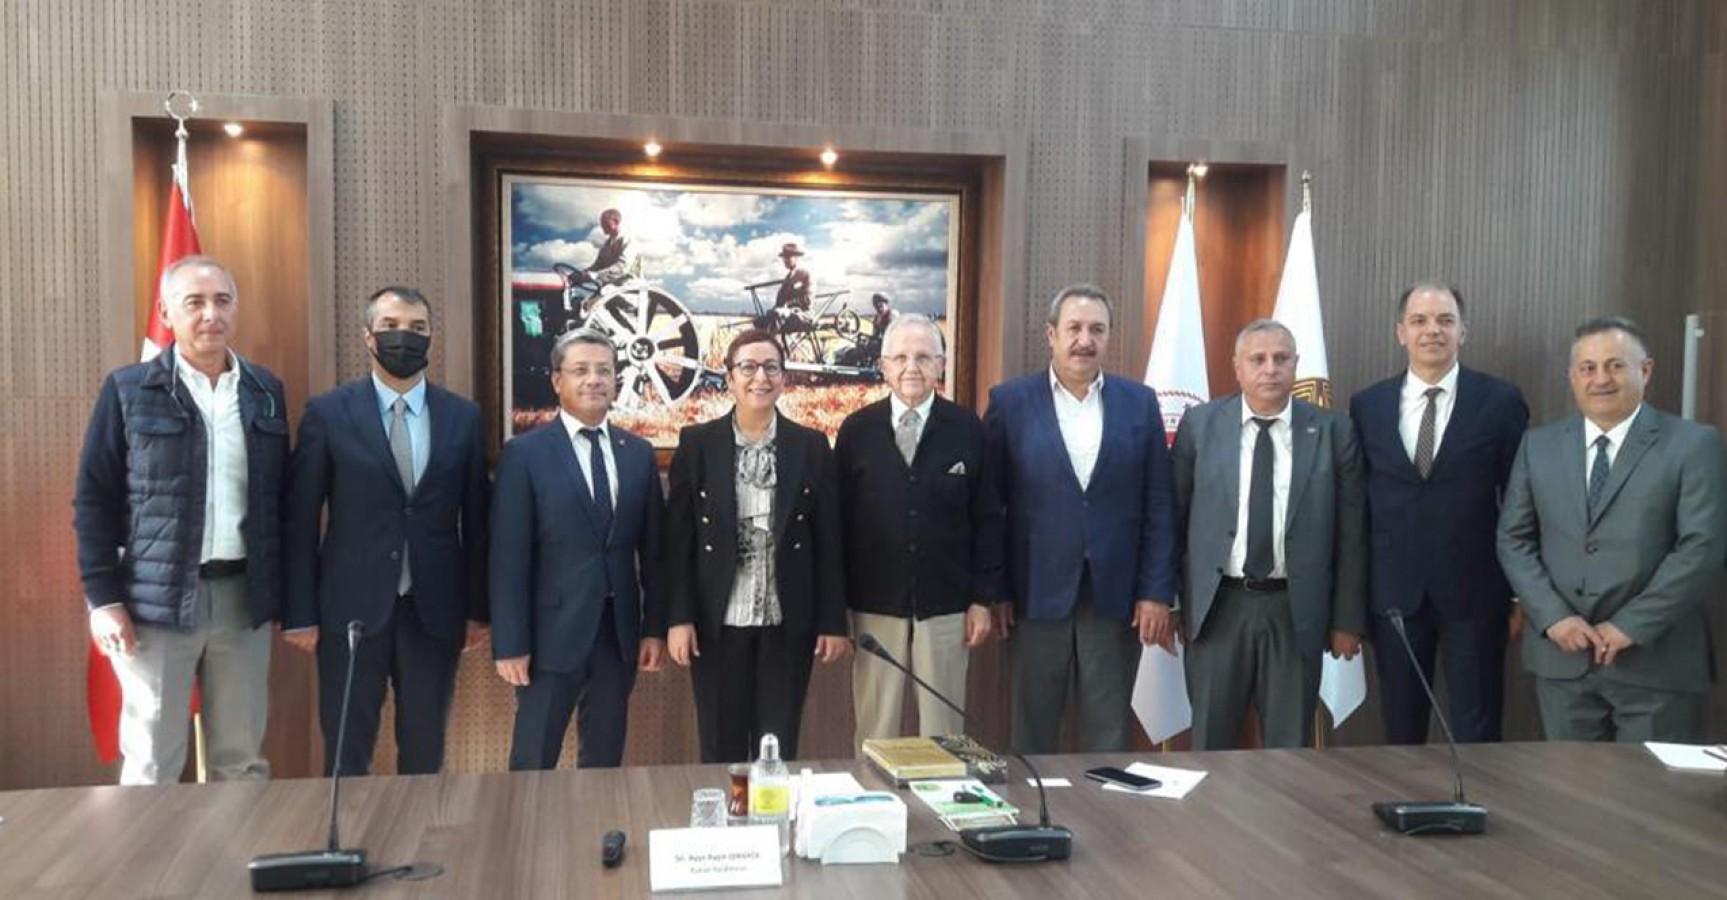 Pamukla ilgili talepler Ankara'ya iletildi